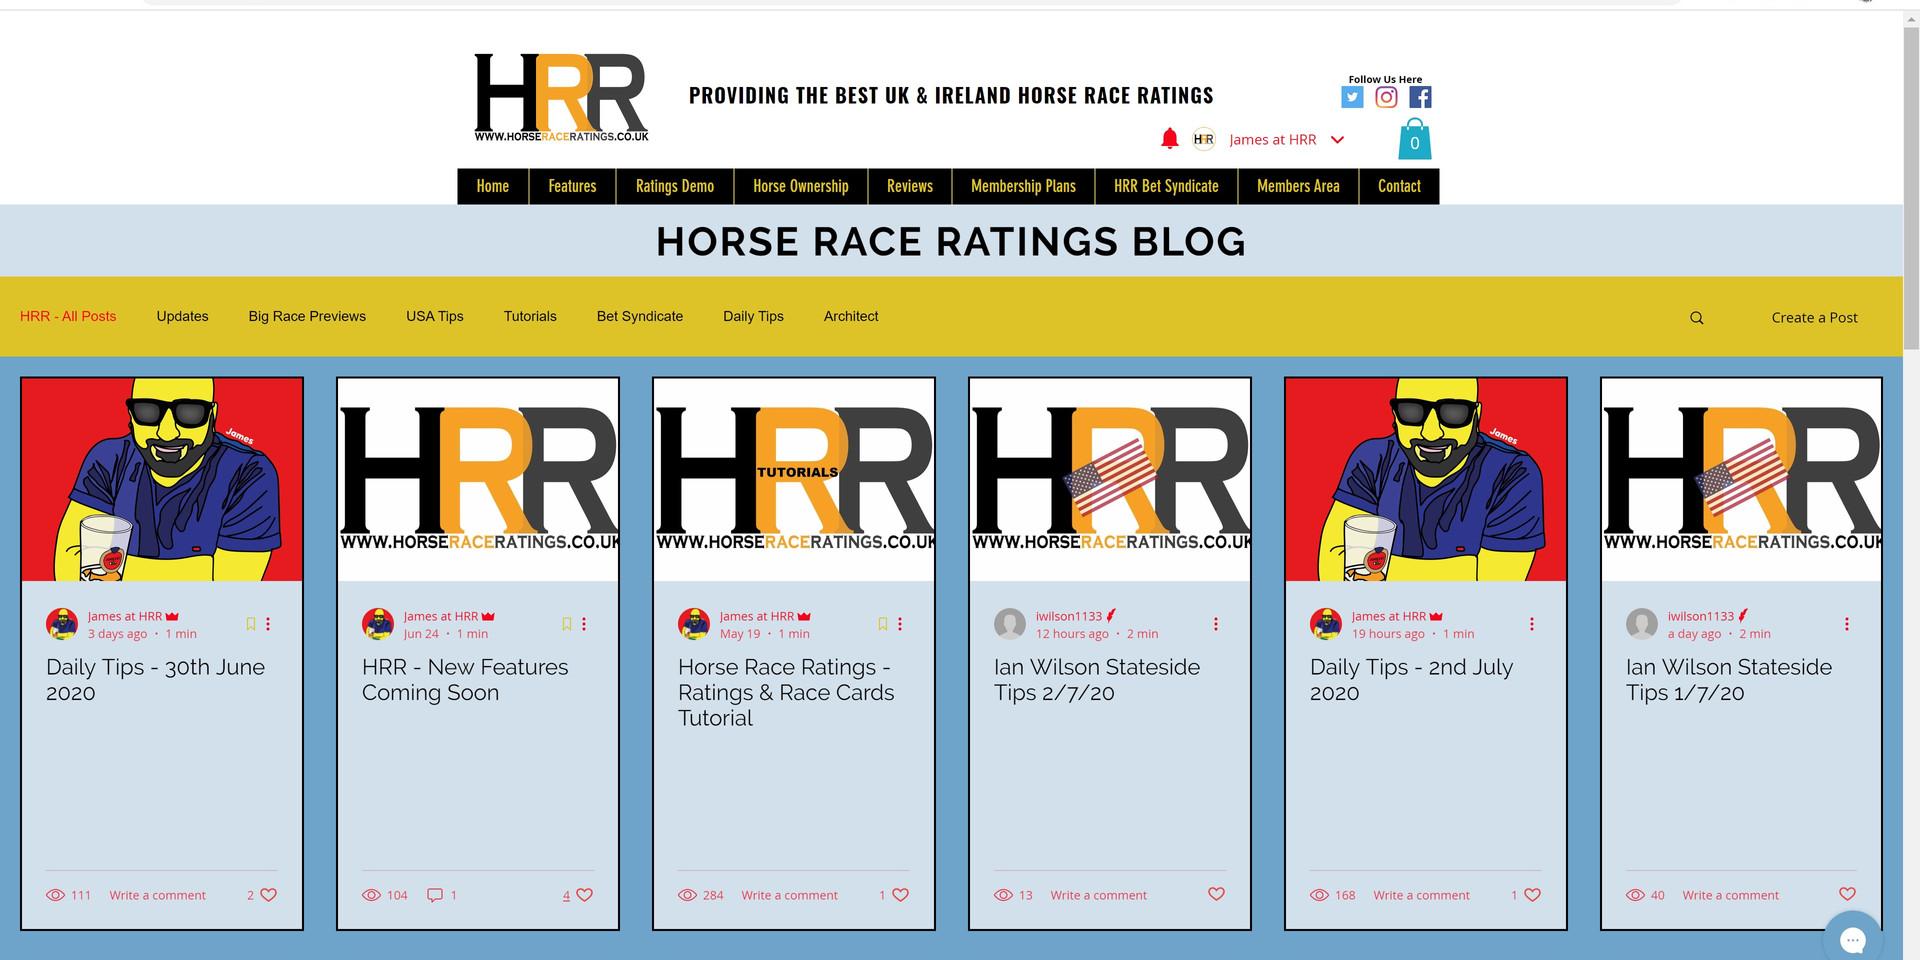 HRR Blog